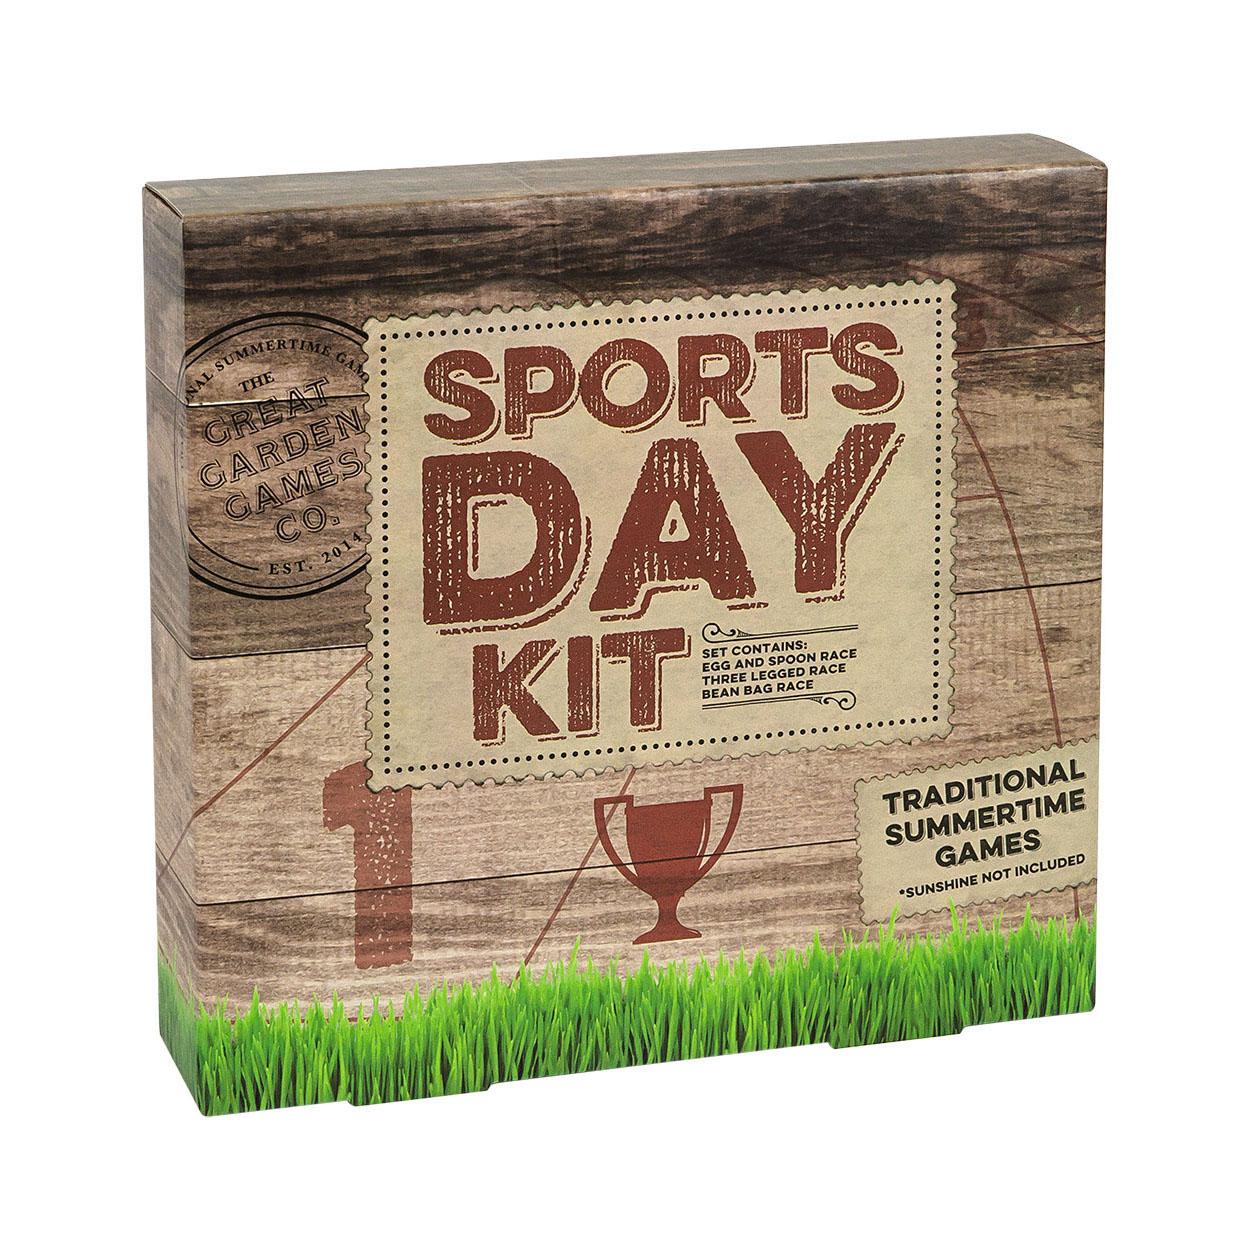 Deb_GardenGames _SportsDay